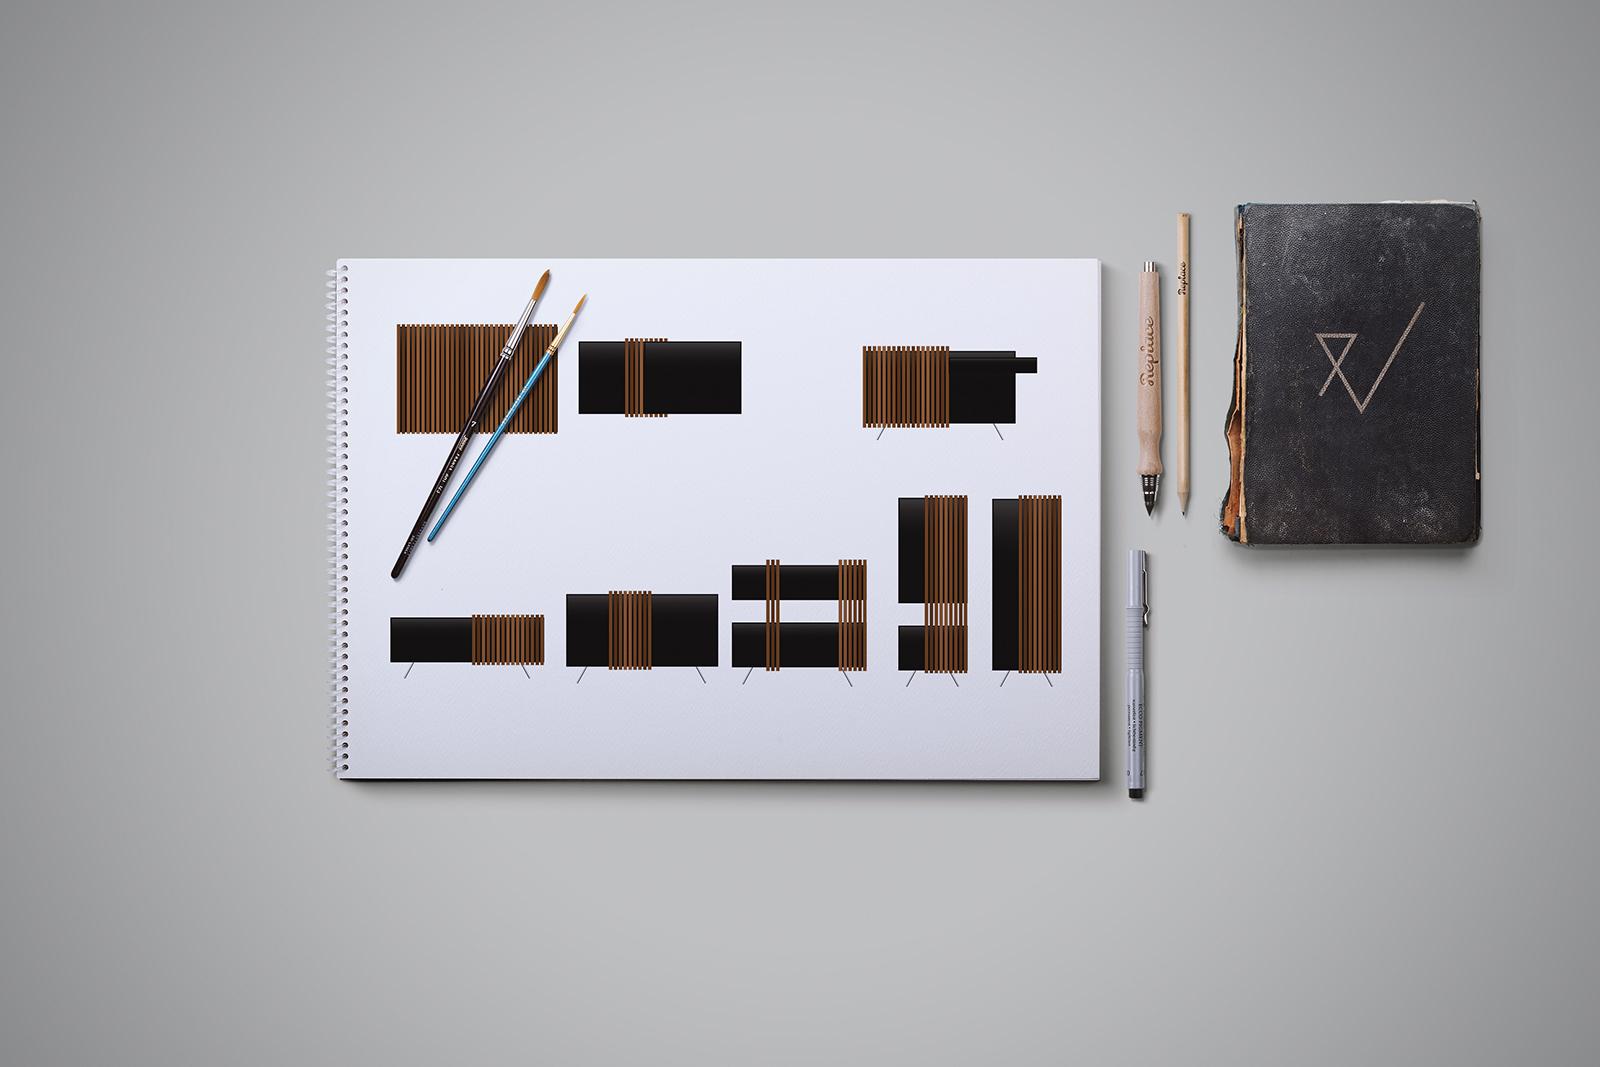 drab-szkice-zestaw-mebli-pawlowska-design